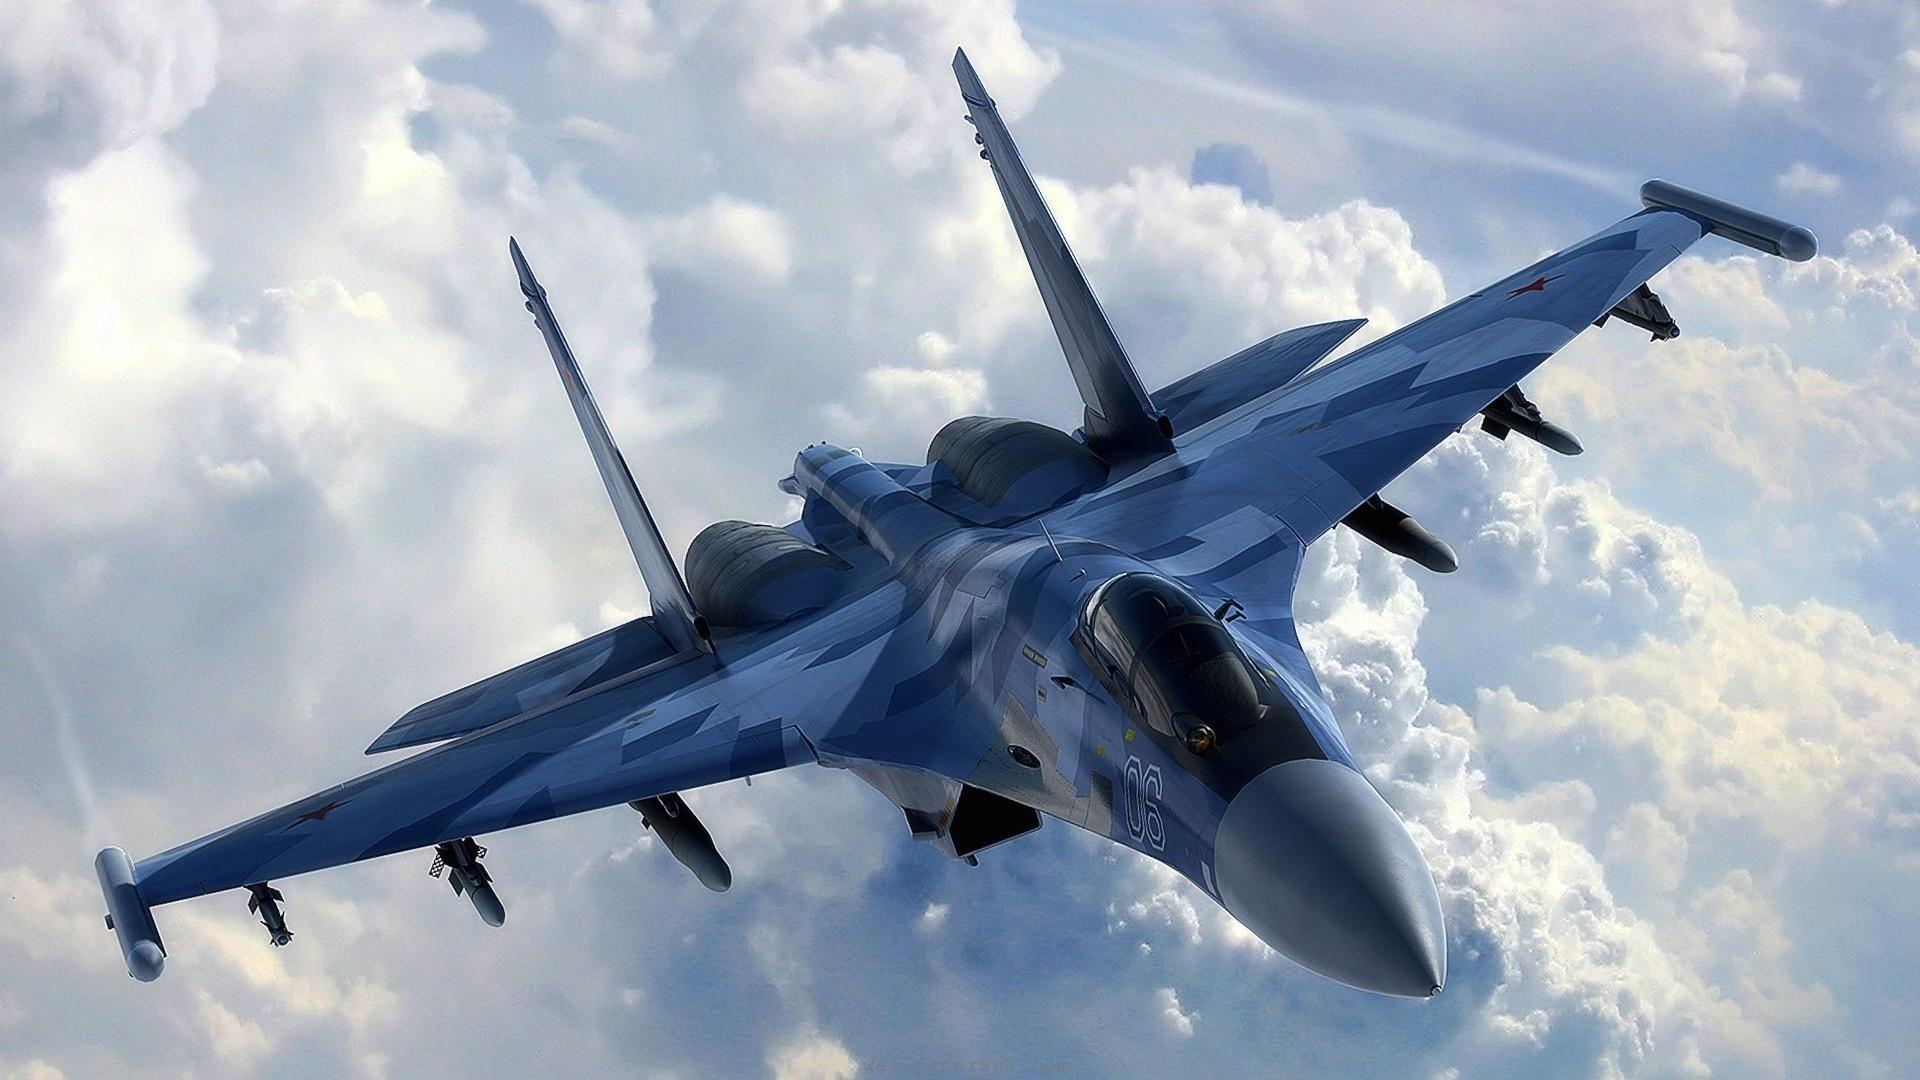 Военная техника картинки самолеты